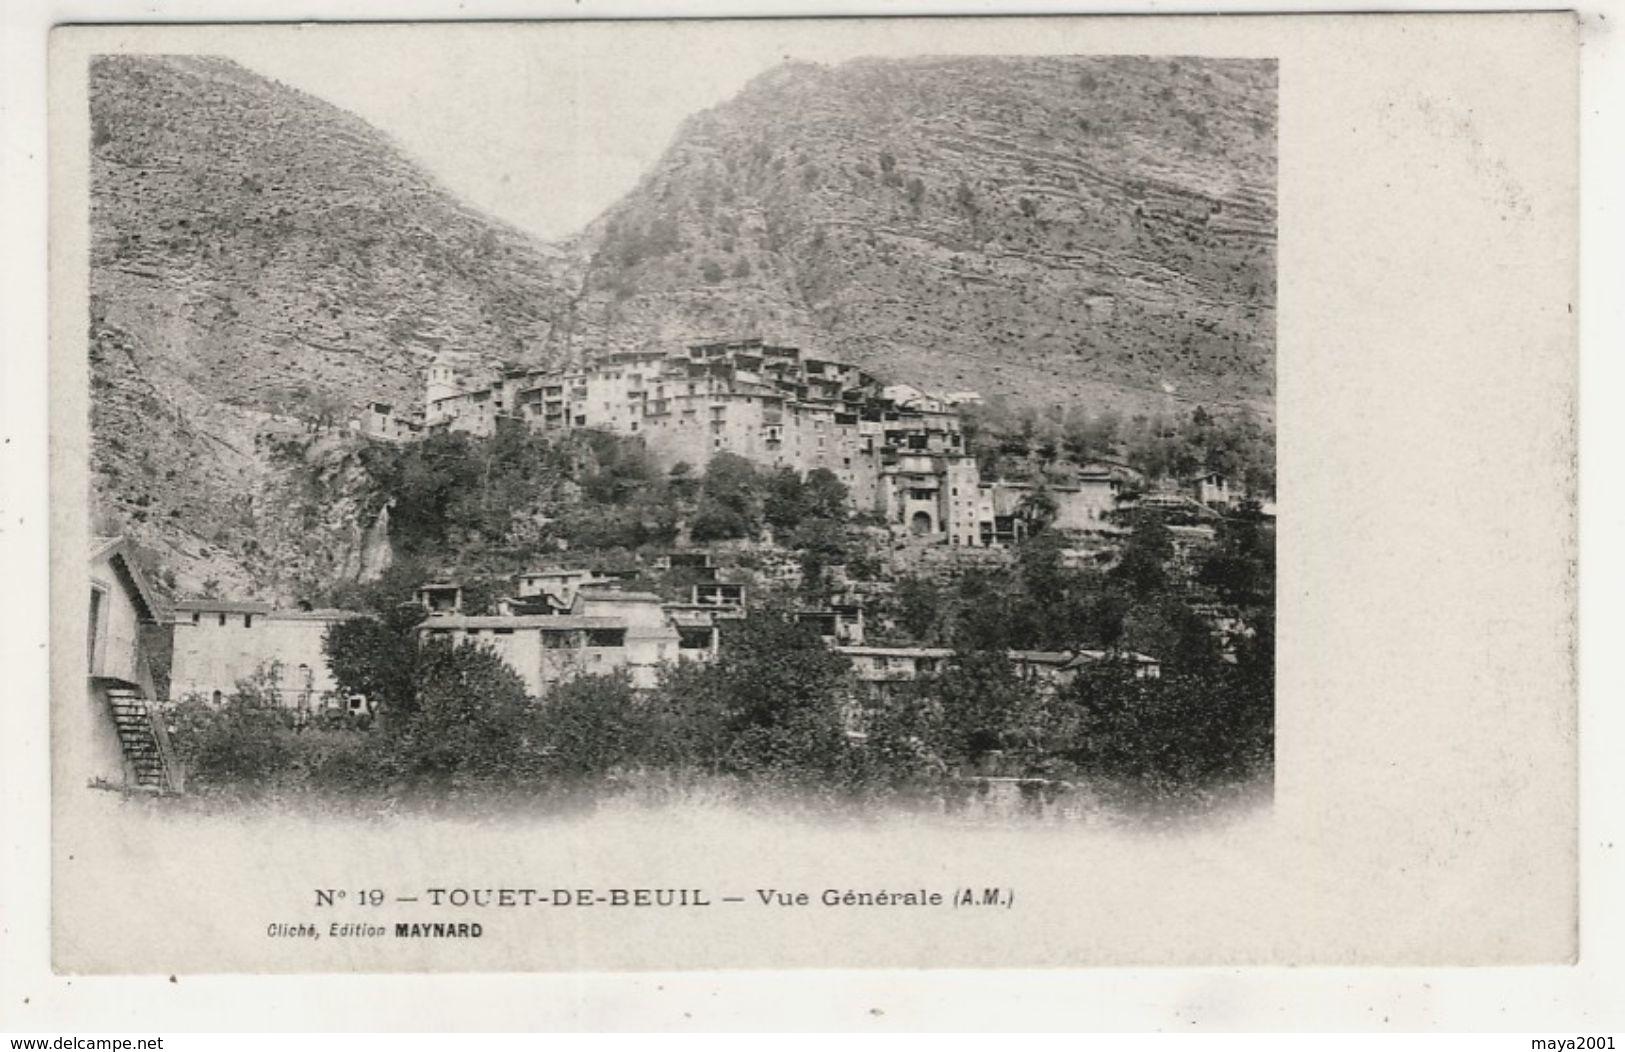 LOT  DE 35 CARTES  POSTALES  ANCIENNES  DIVERS  FRANCE  N62 - Cartes Postales